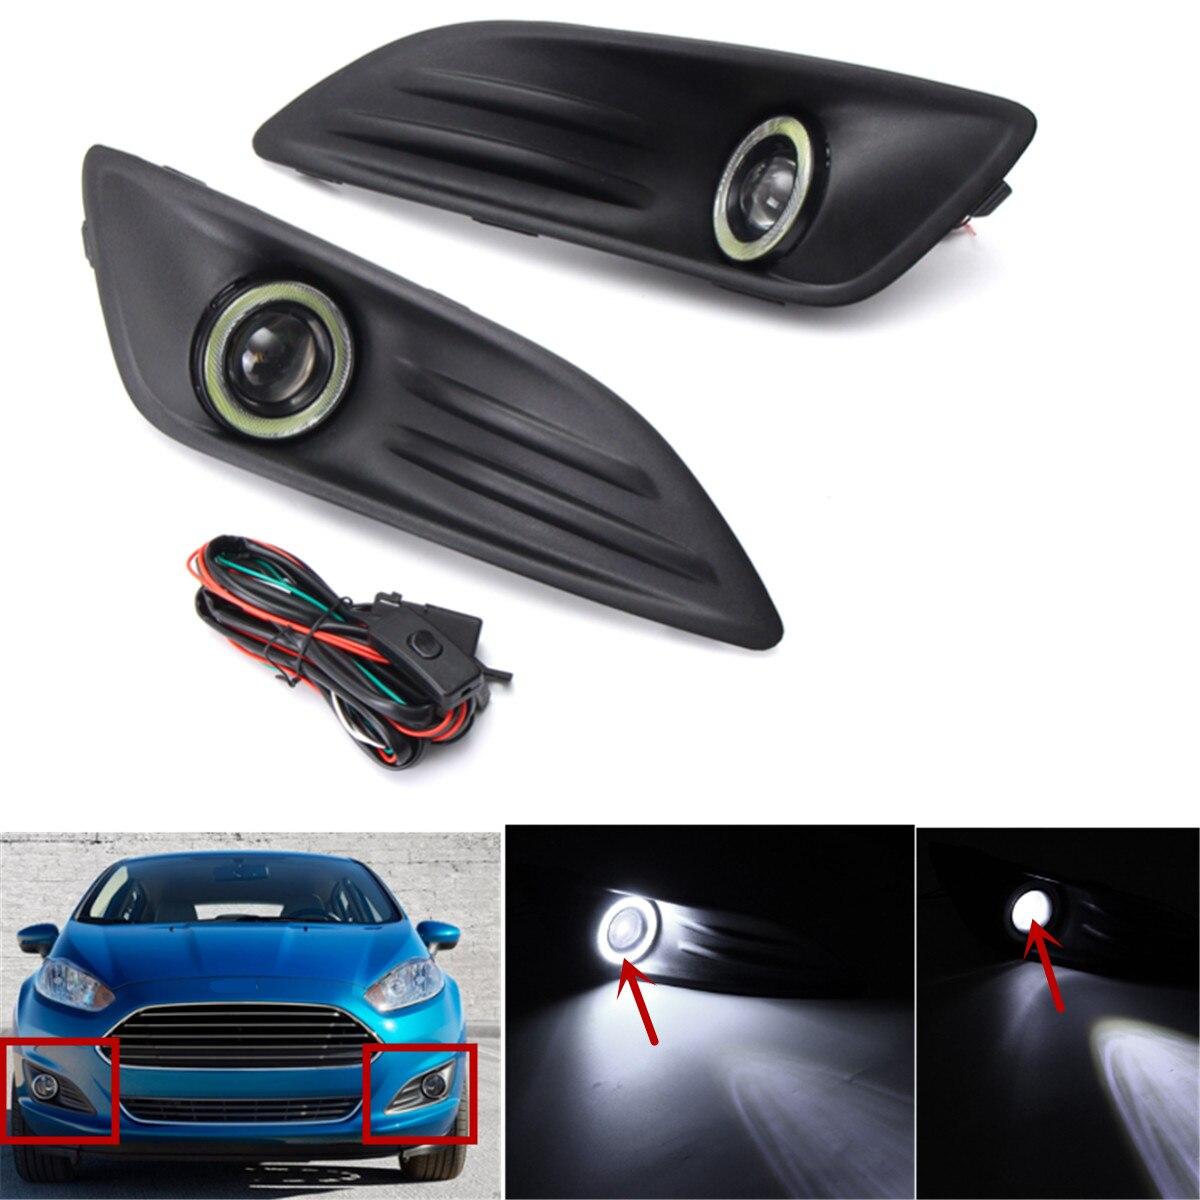 1 paire Voiture En Plastique Noir Pare-chocs Avant Brouillard Lumière D'ange Yeux Câblage Harnais Daytime Running Light Kit pour Ford Fiesta 2013-2016